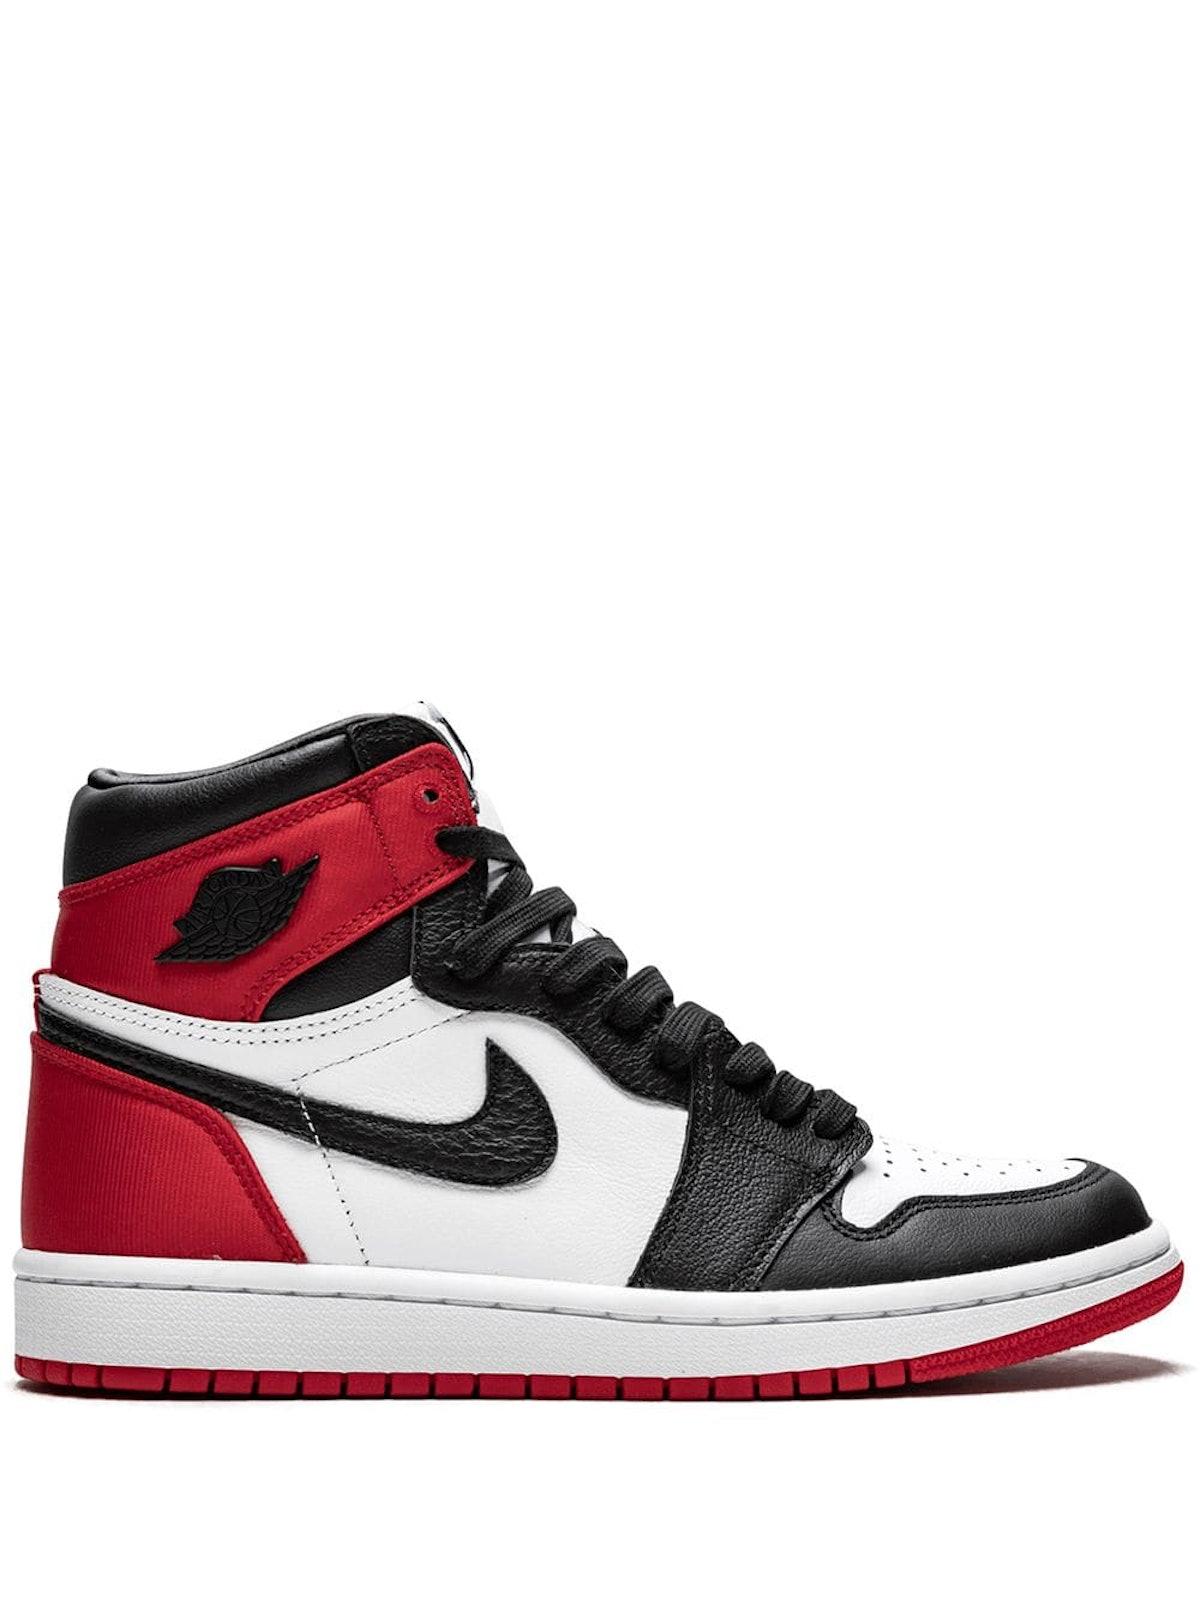 Air Jordan 1 High OG sneakers